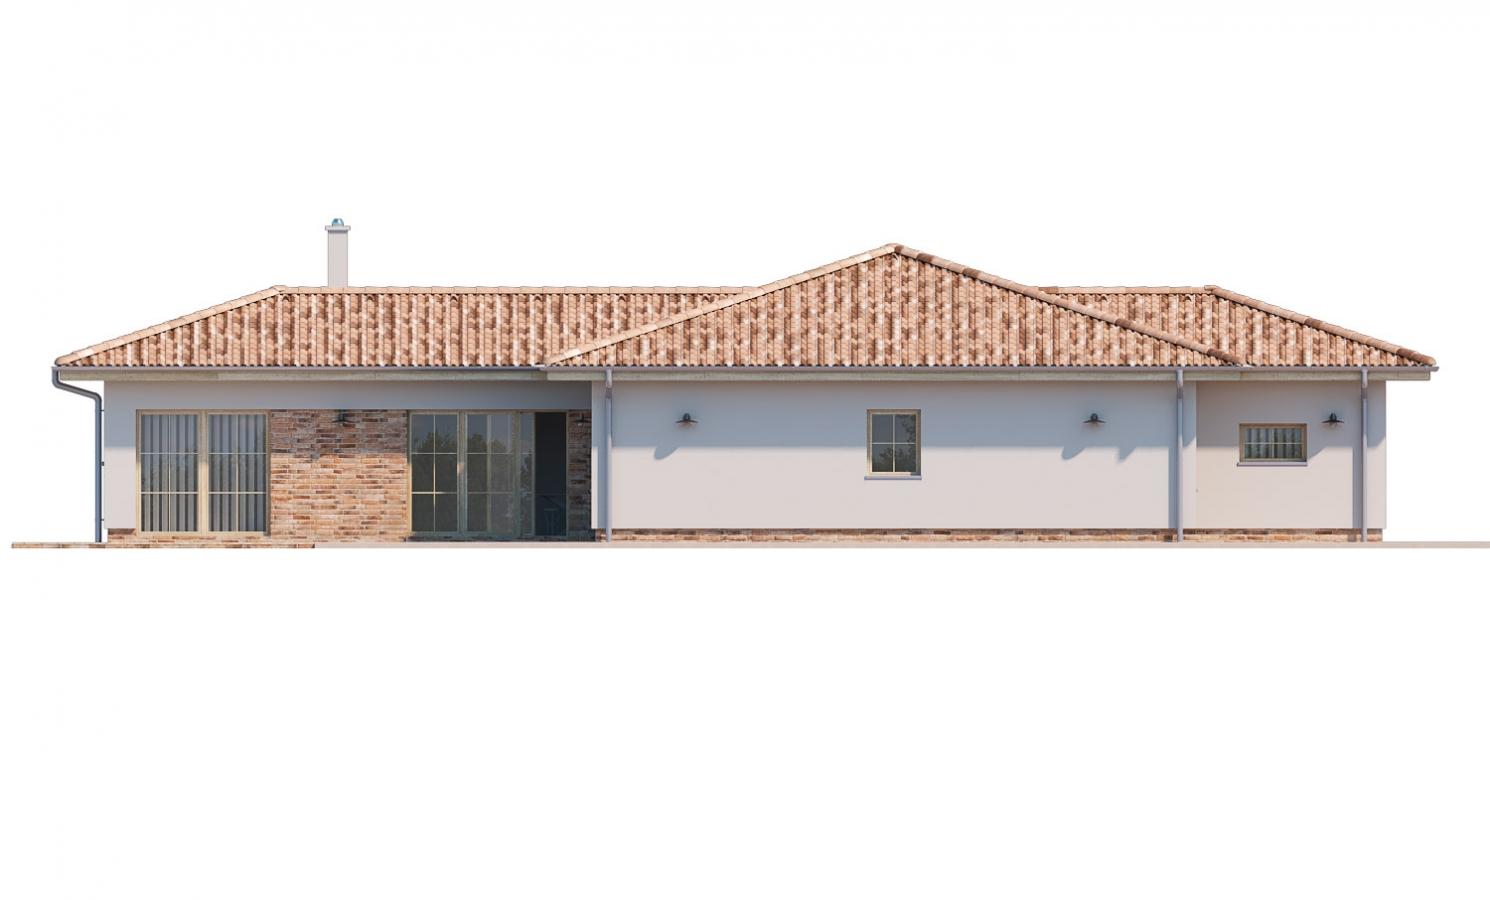 Pohľad 2. - 6 - izbový prízemný dom, do tvaru L, s terasou, ktorá sa dá po malých úpravách využívať celoročne.